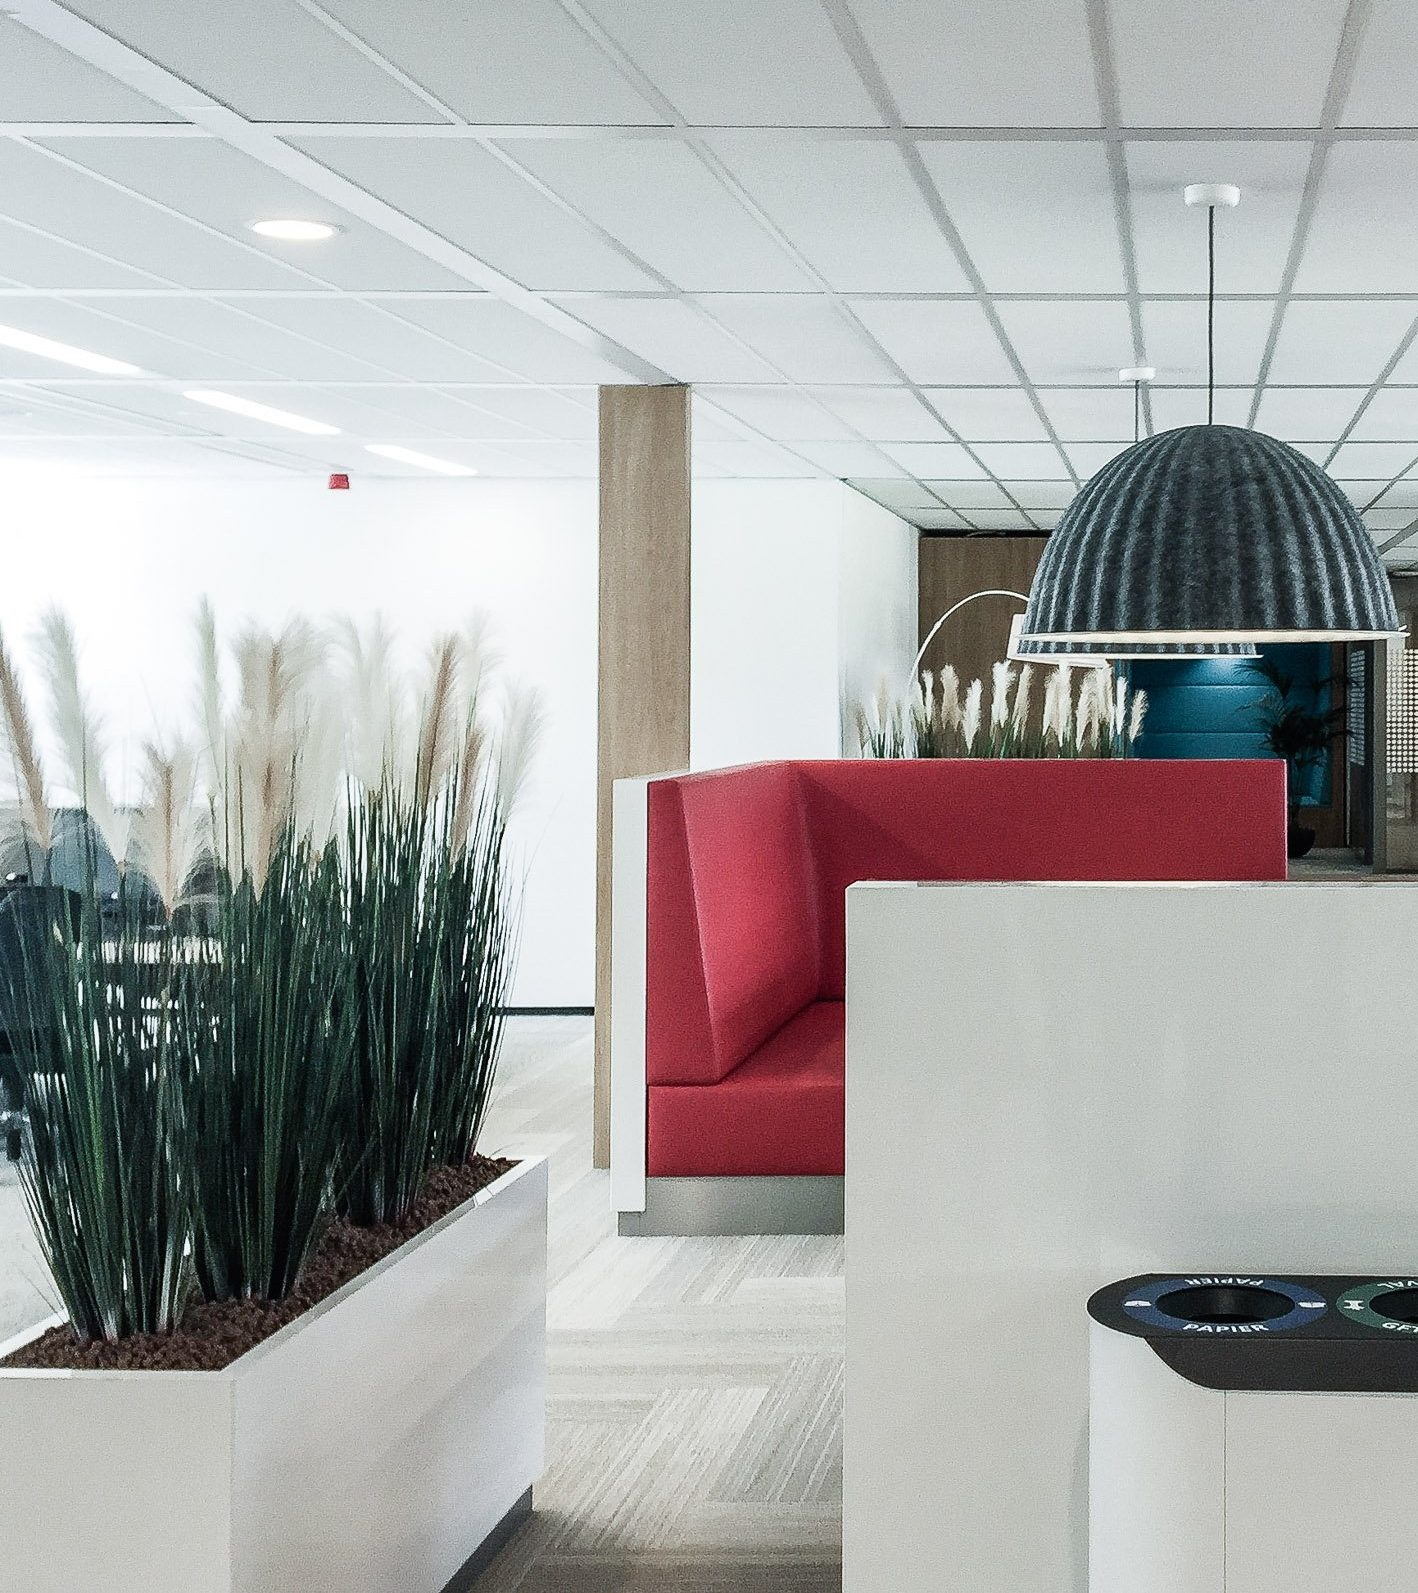 Hanzelaan Zwolle - Innenansicht Aufenthaltsbereich